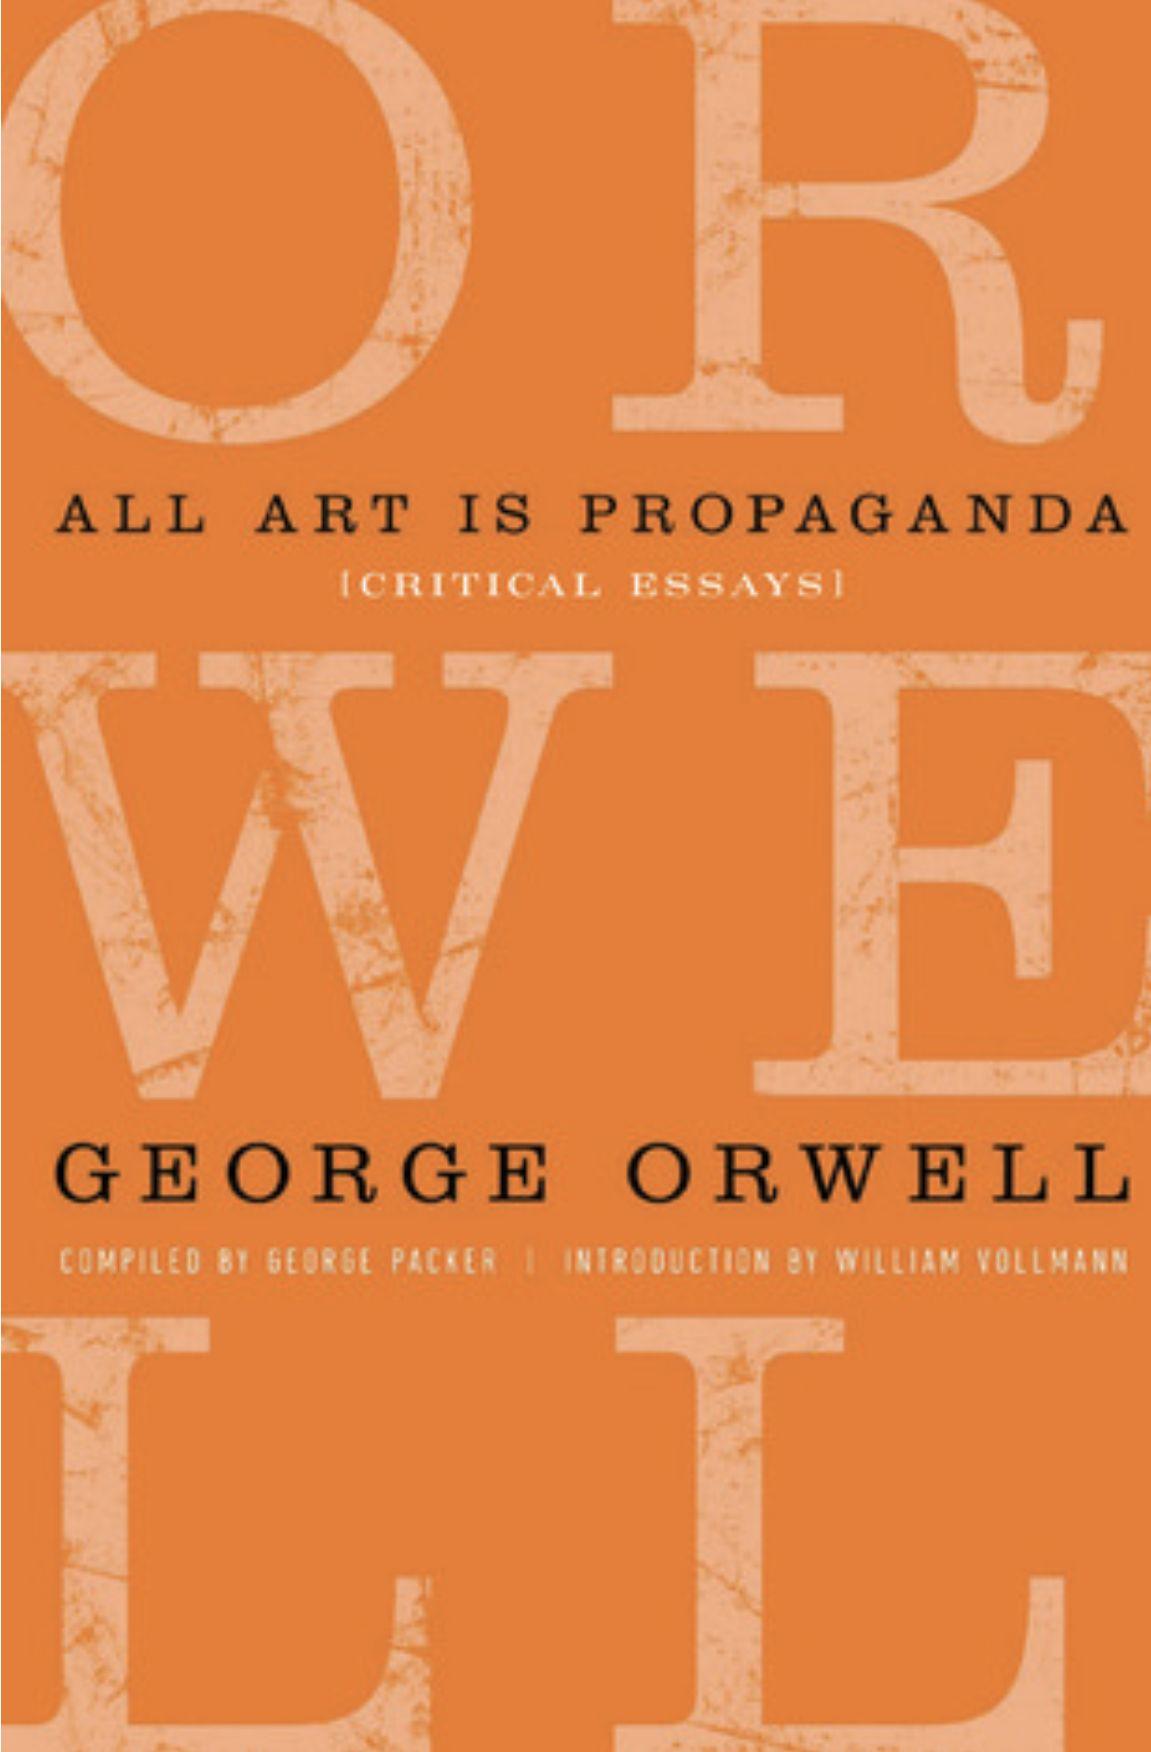 All Art I Propaganda Critical Essay By George Orwell Essays